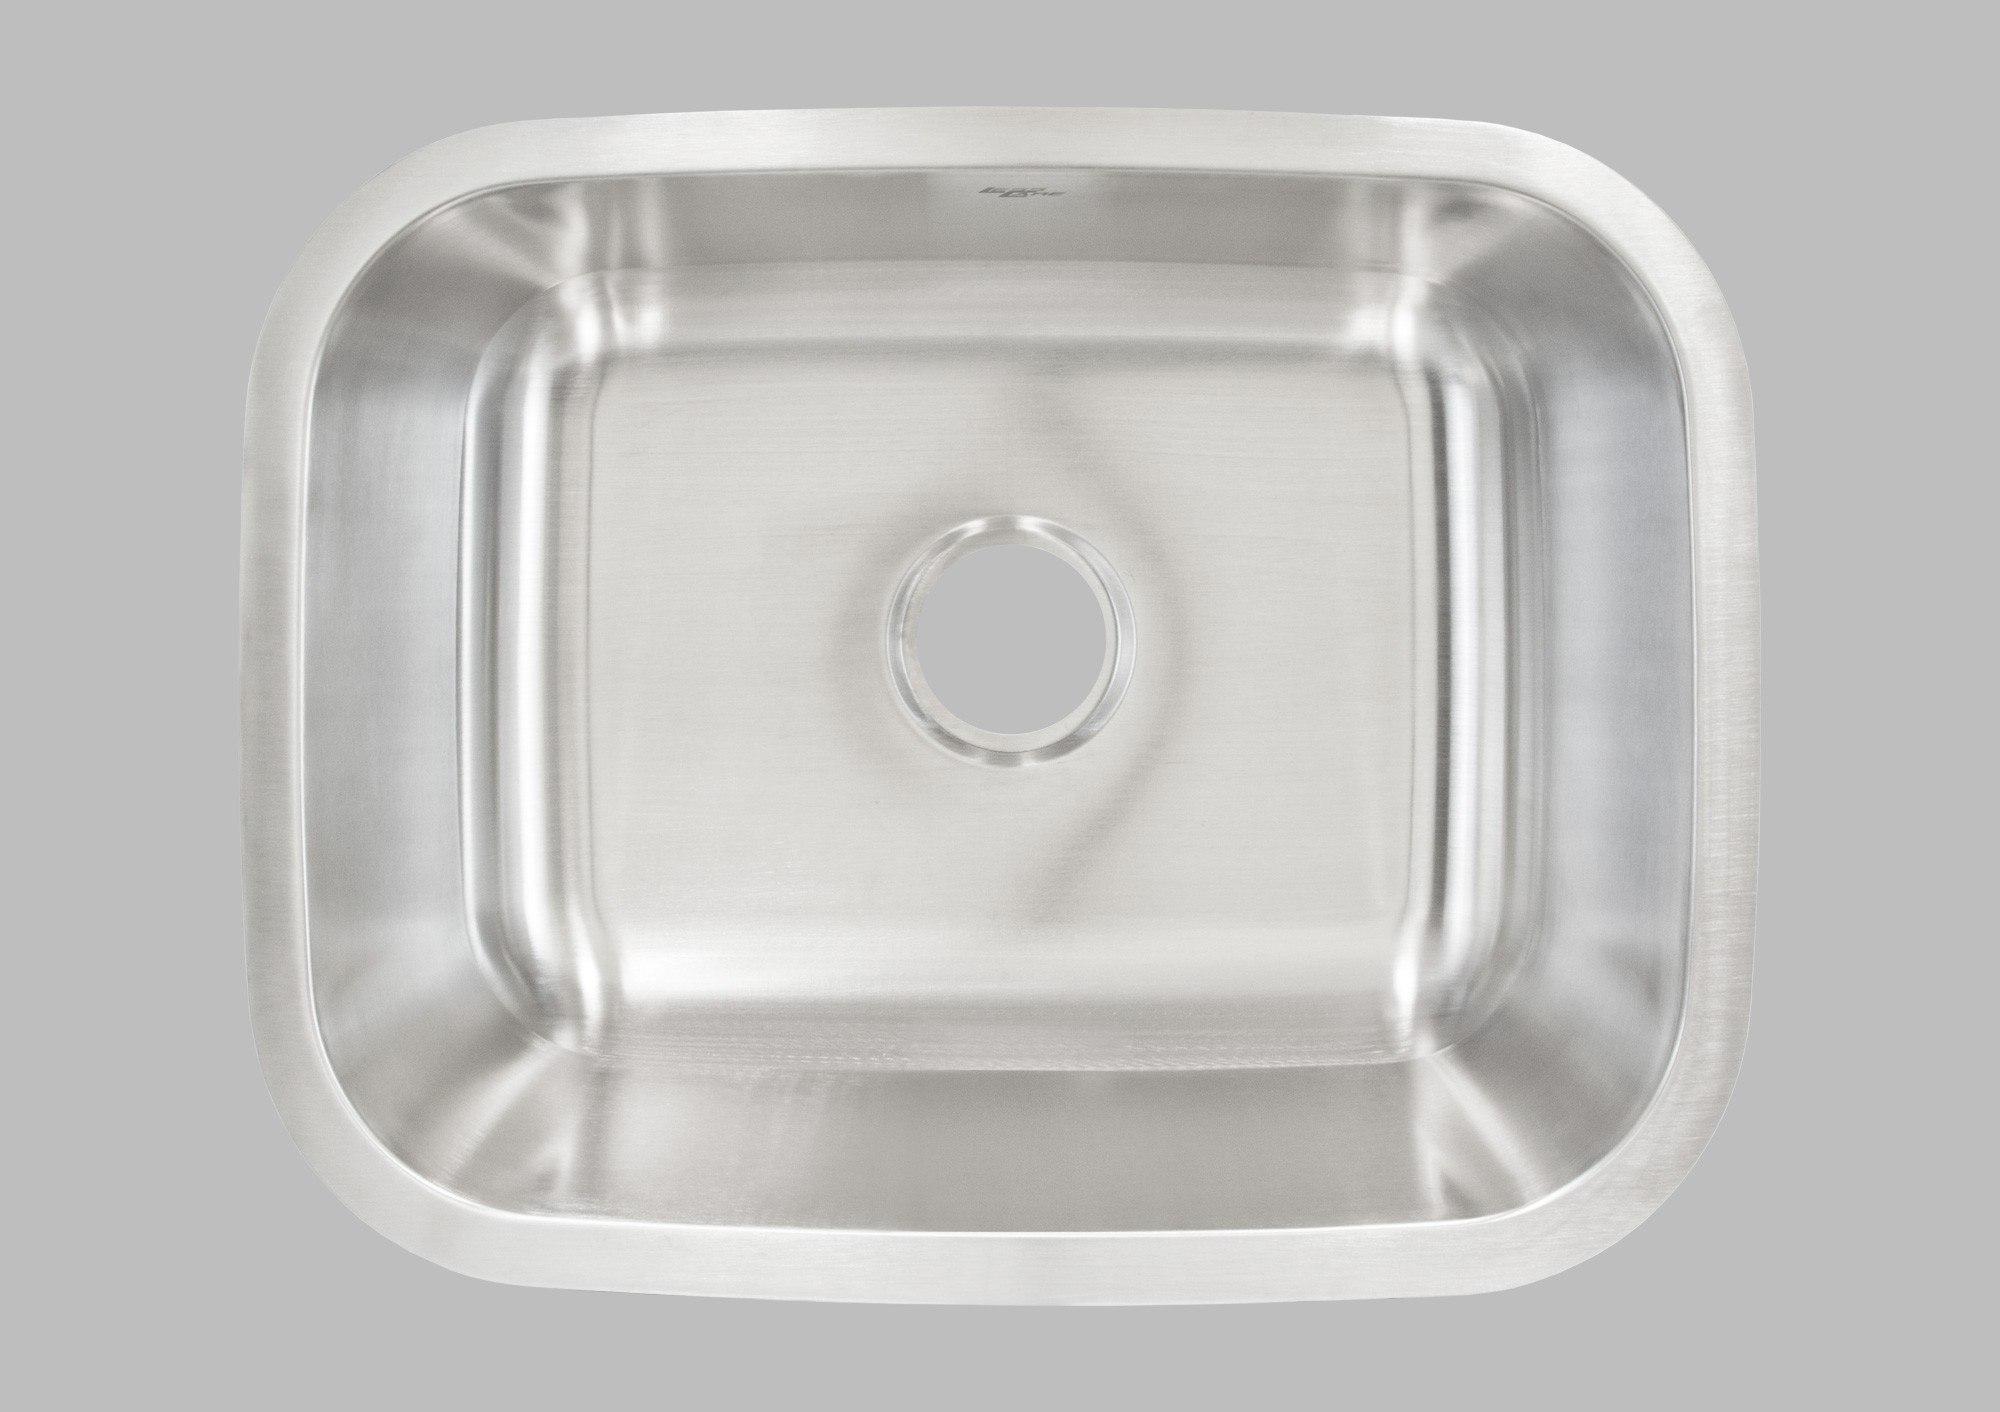 sinks Kitchen sink undermount sinks topmount sinks apron front sinks ...